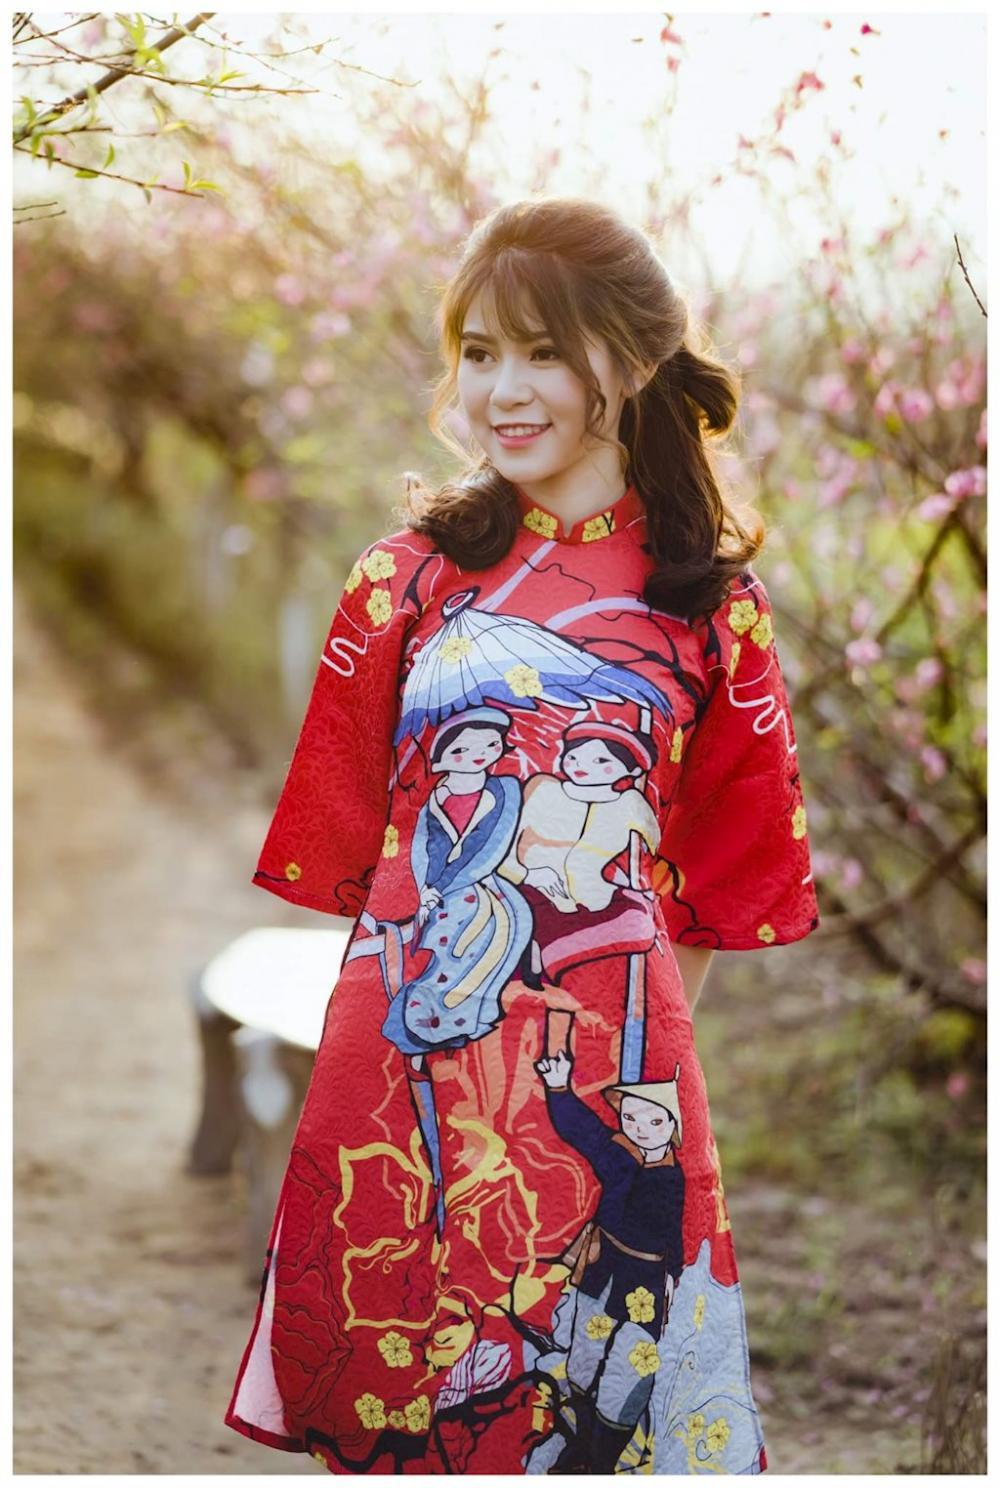 Những nụ đào chớm nở khoe sắc đã thu hút không ít người dân Hà Thành đến ngắm hoa, chụp ảnh.